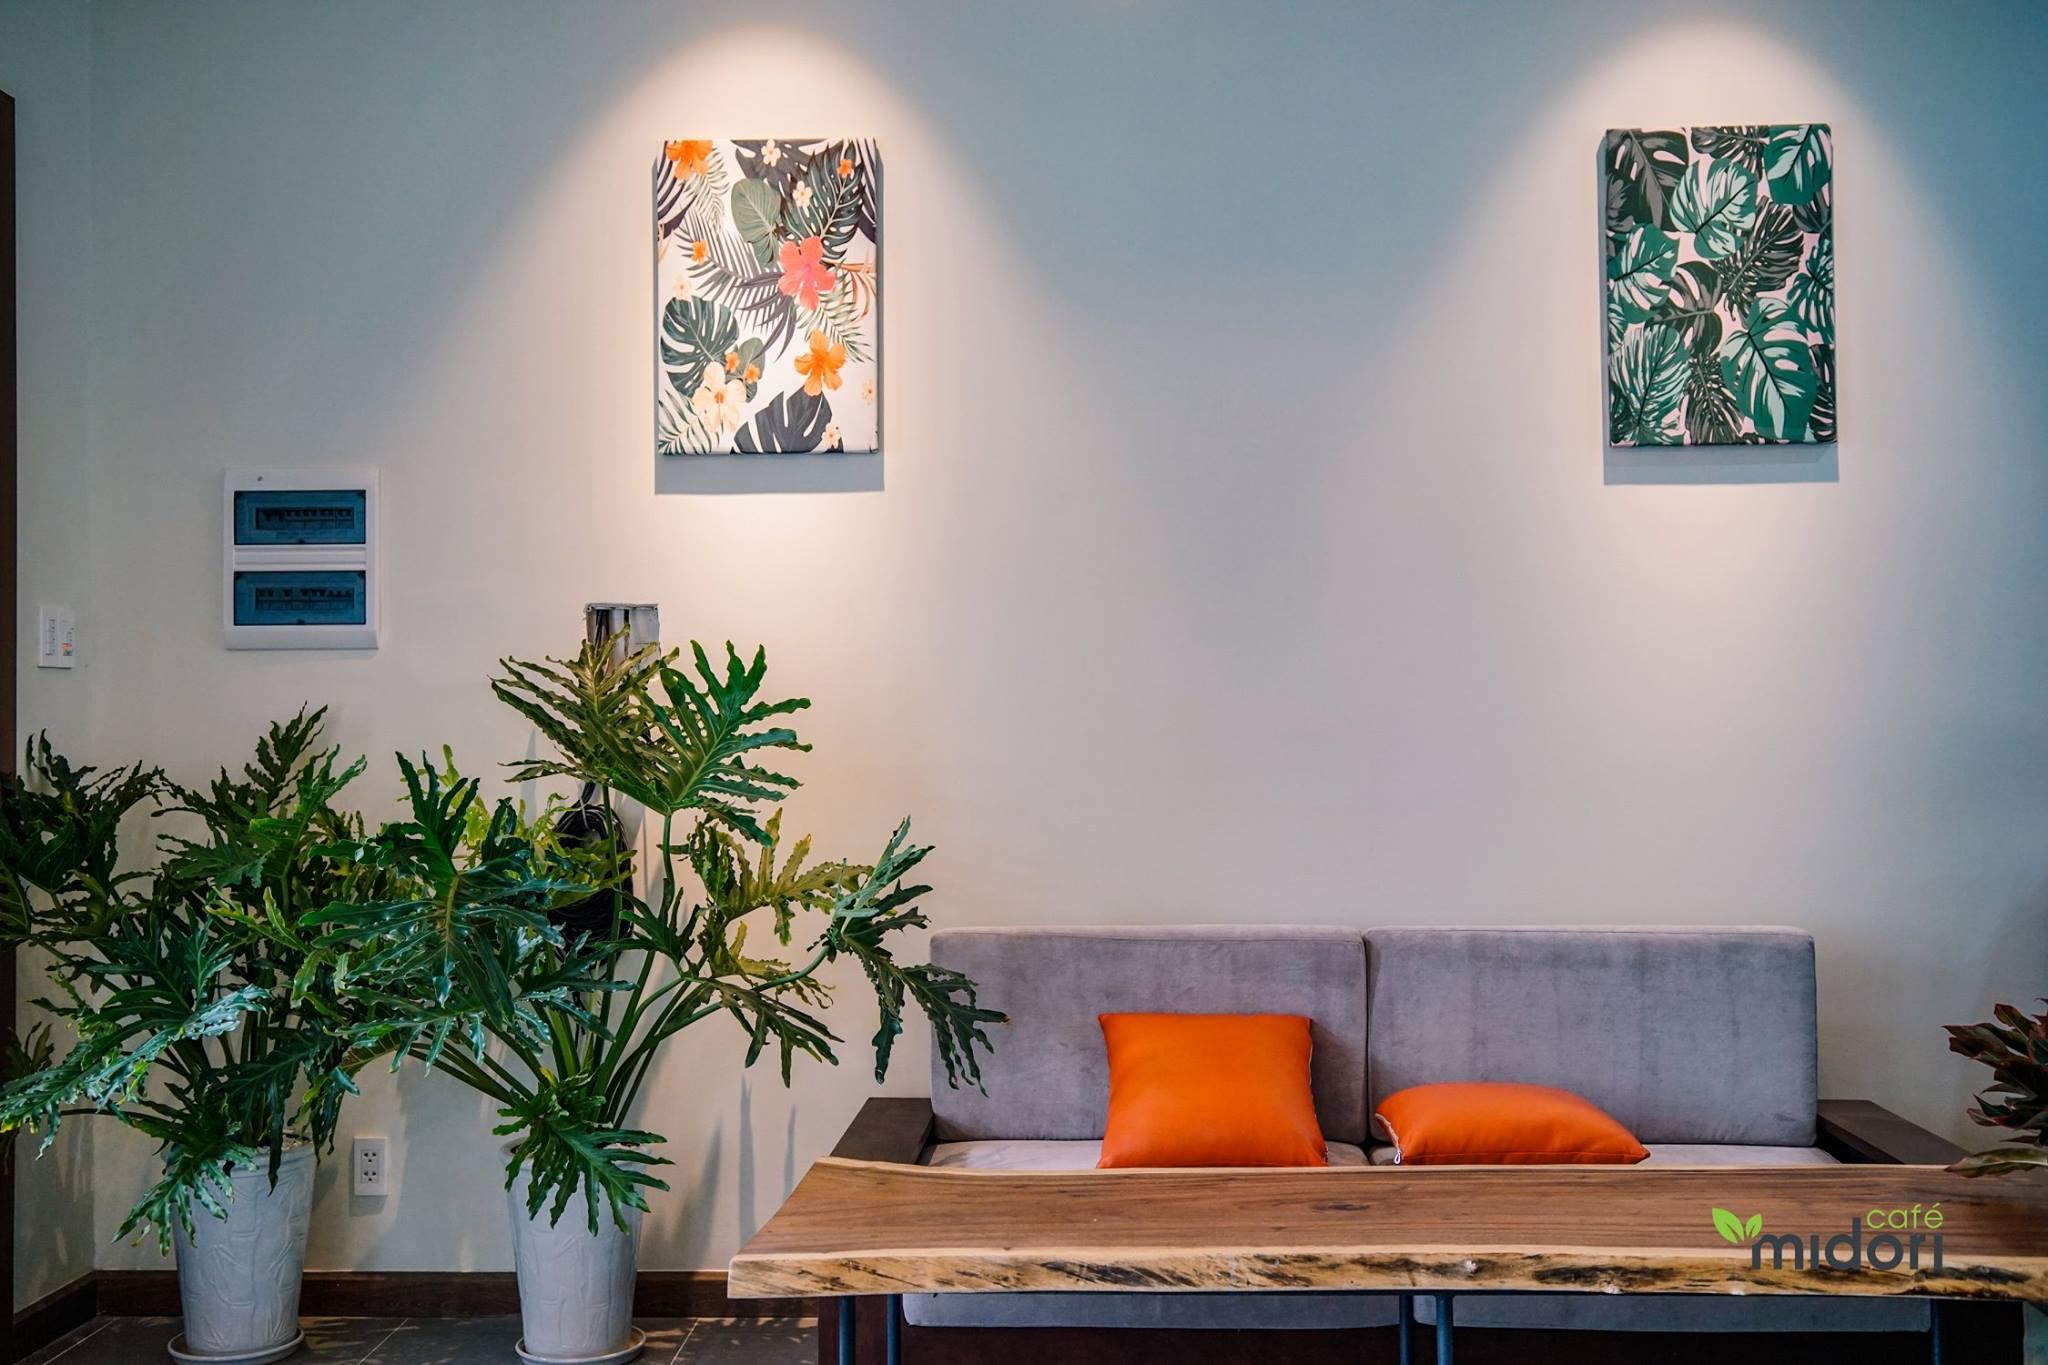 Quán được thiết kế đơn giản nhưng cũng là một nơi check-in siêu xịn. Hình: Midori Cafe